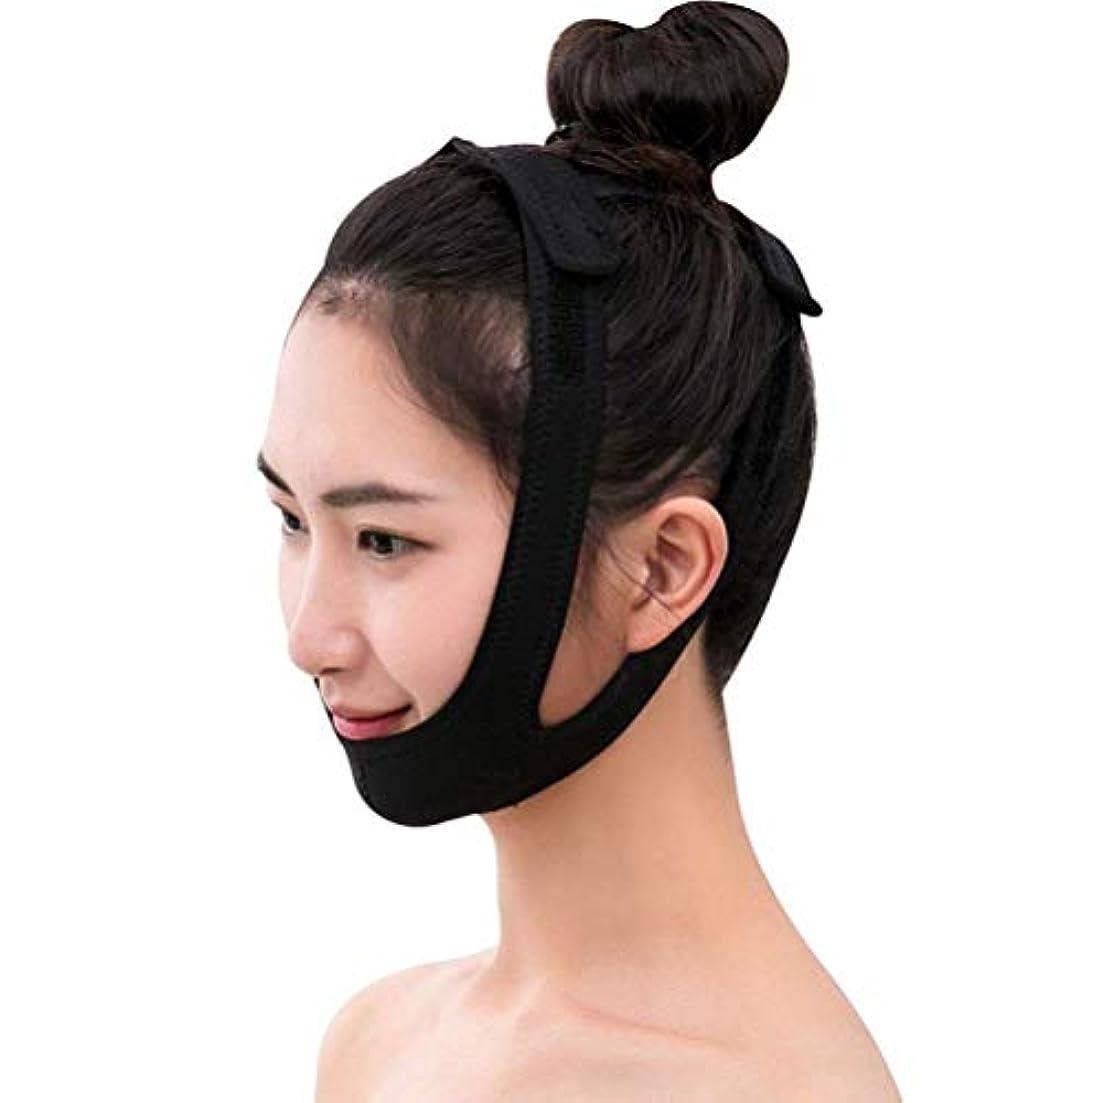 コテージ忘れる検出可能フェイスリフティングマスク、フェイスリフティング包帯V字型マスク/整形およびリフト/二重あごベルト/美容マスクフェイスリフト/縮小二重あご包帯/顔面矯正ベルト